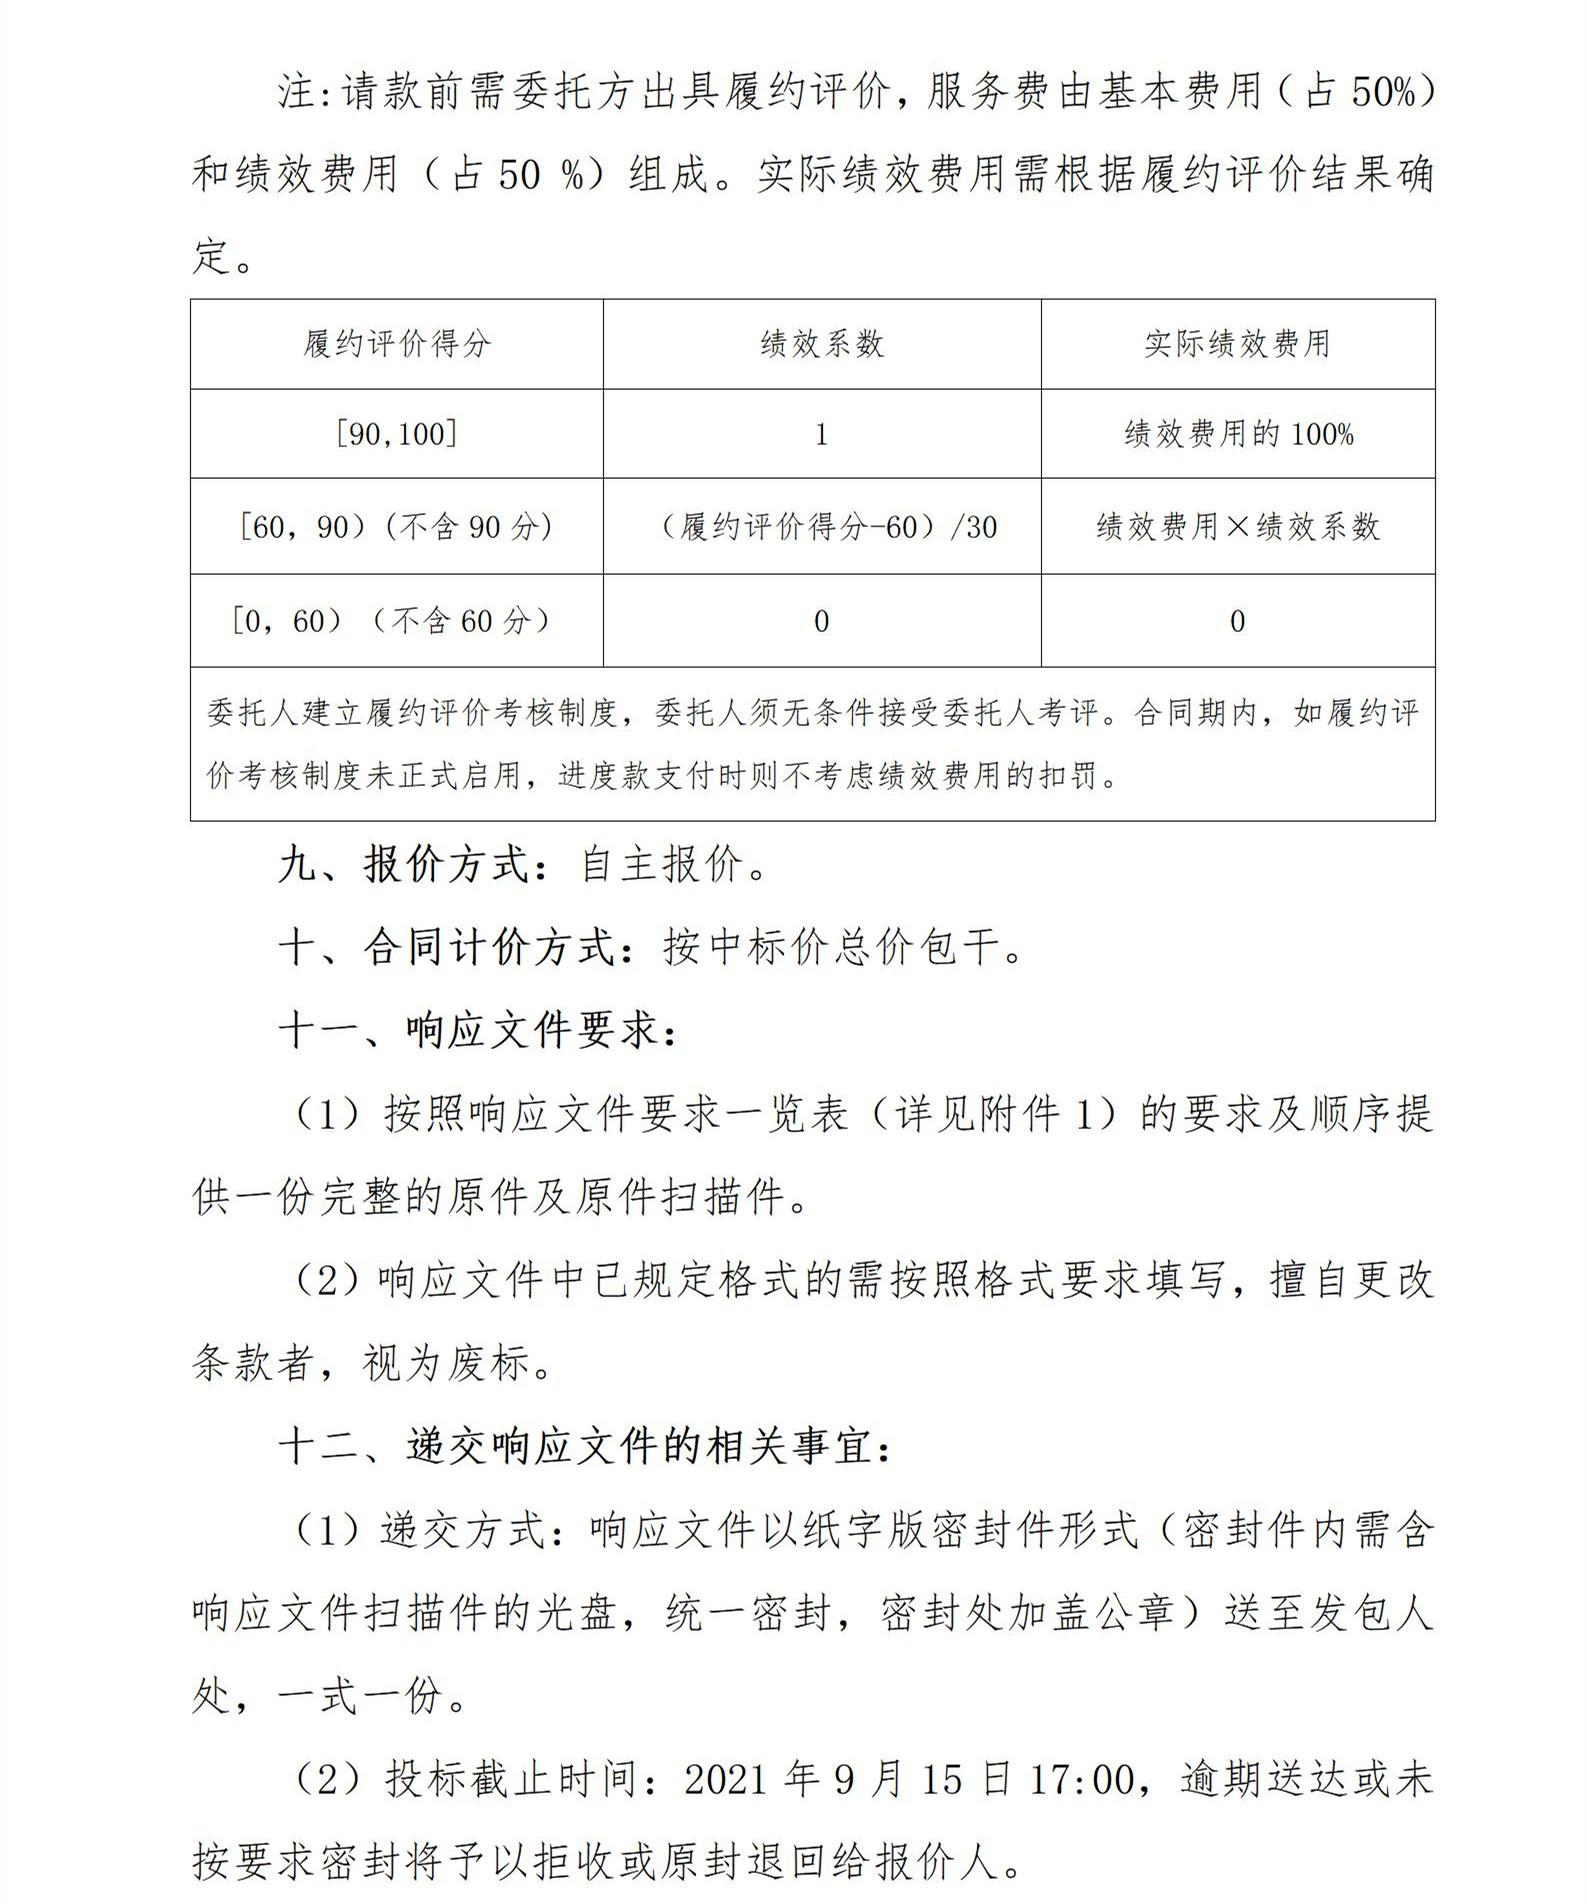 清湖工业园城市更新项目(产业规划)公开遴选公告